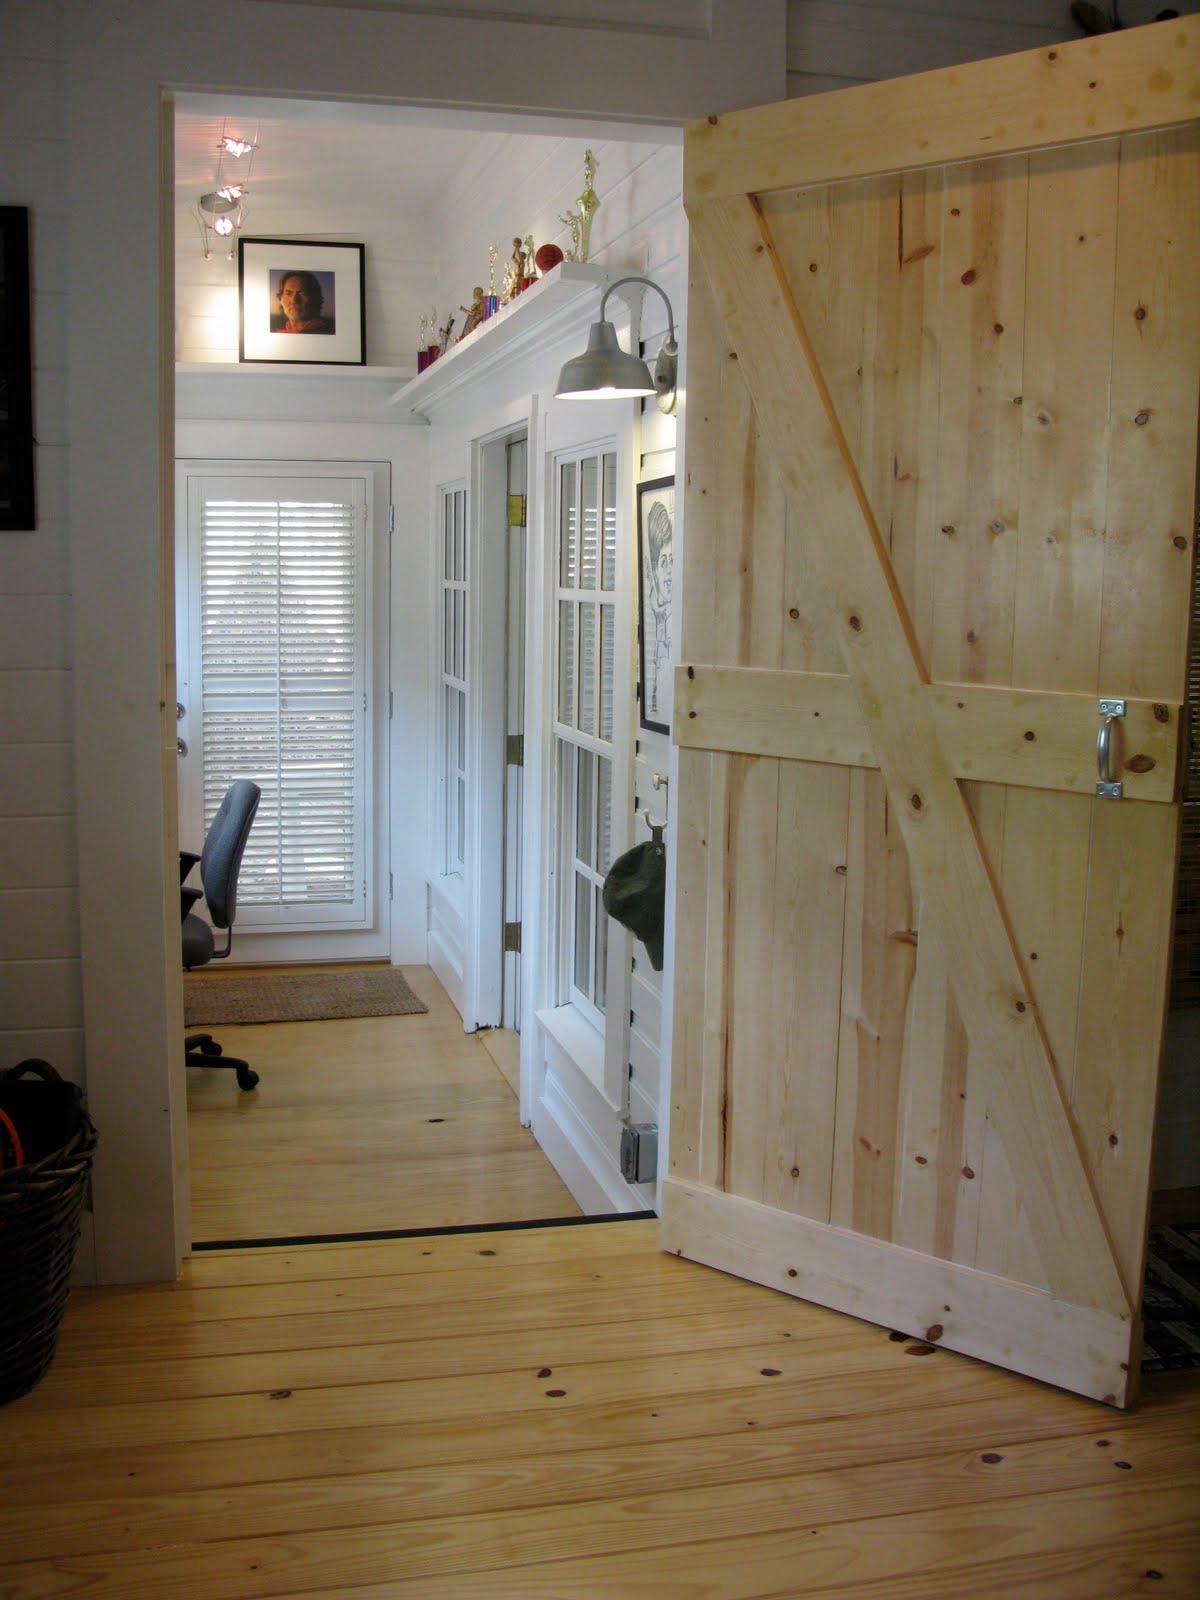 jvw home: BARN DOOR BEDROOM